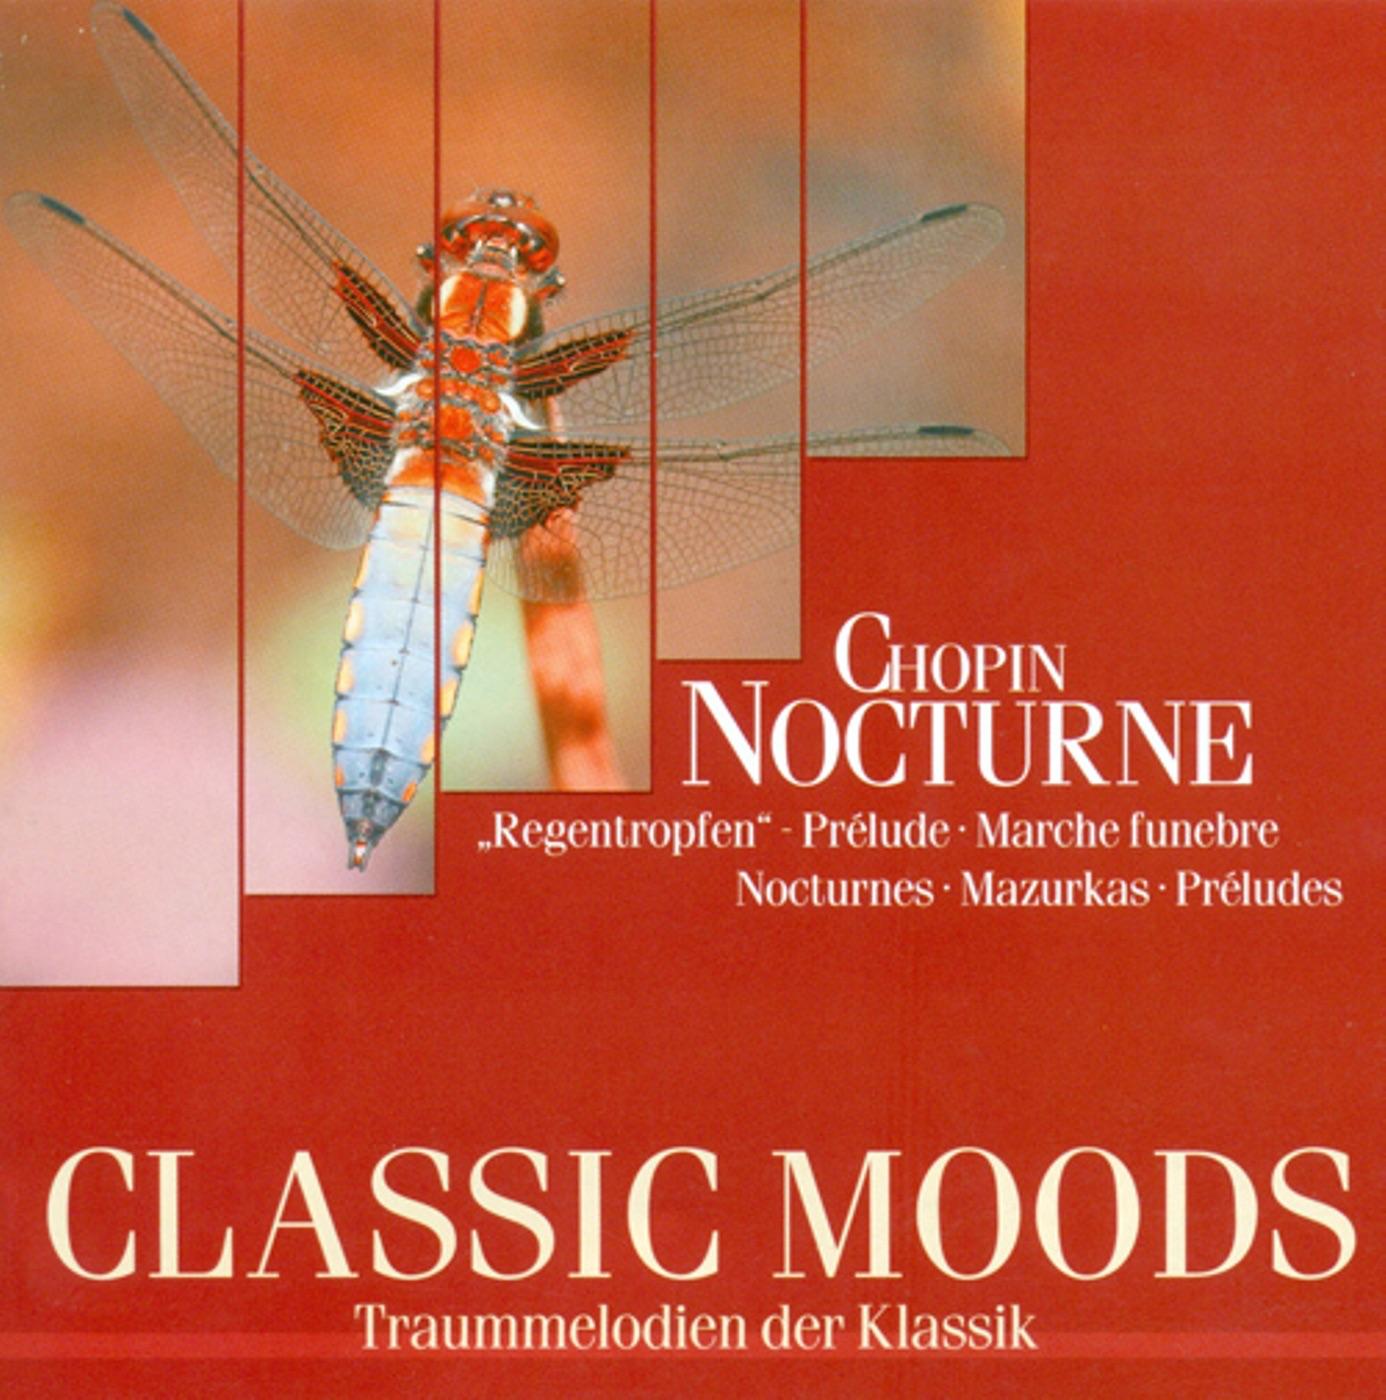 Classic Moods - Chopin, F.